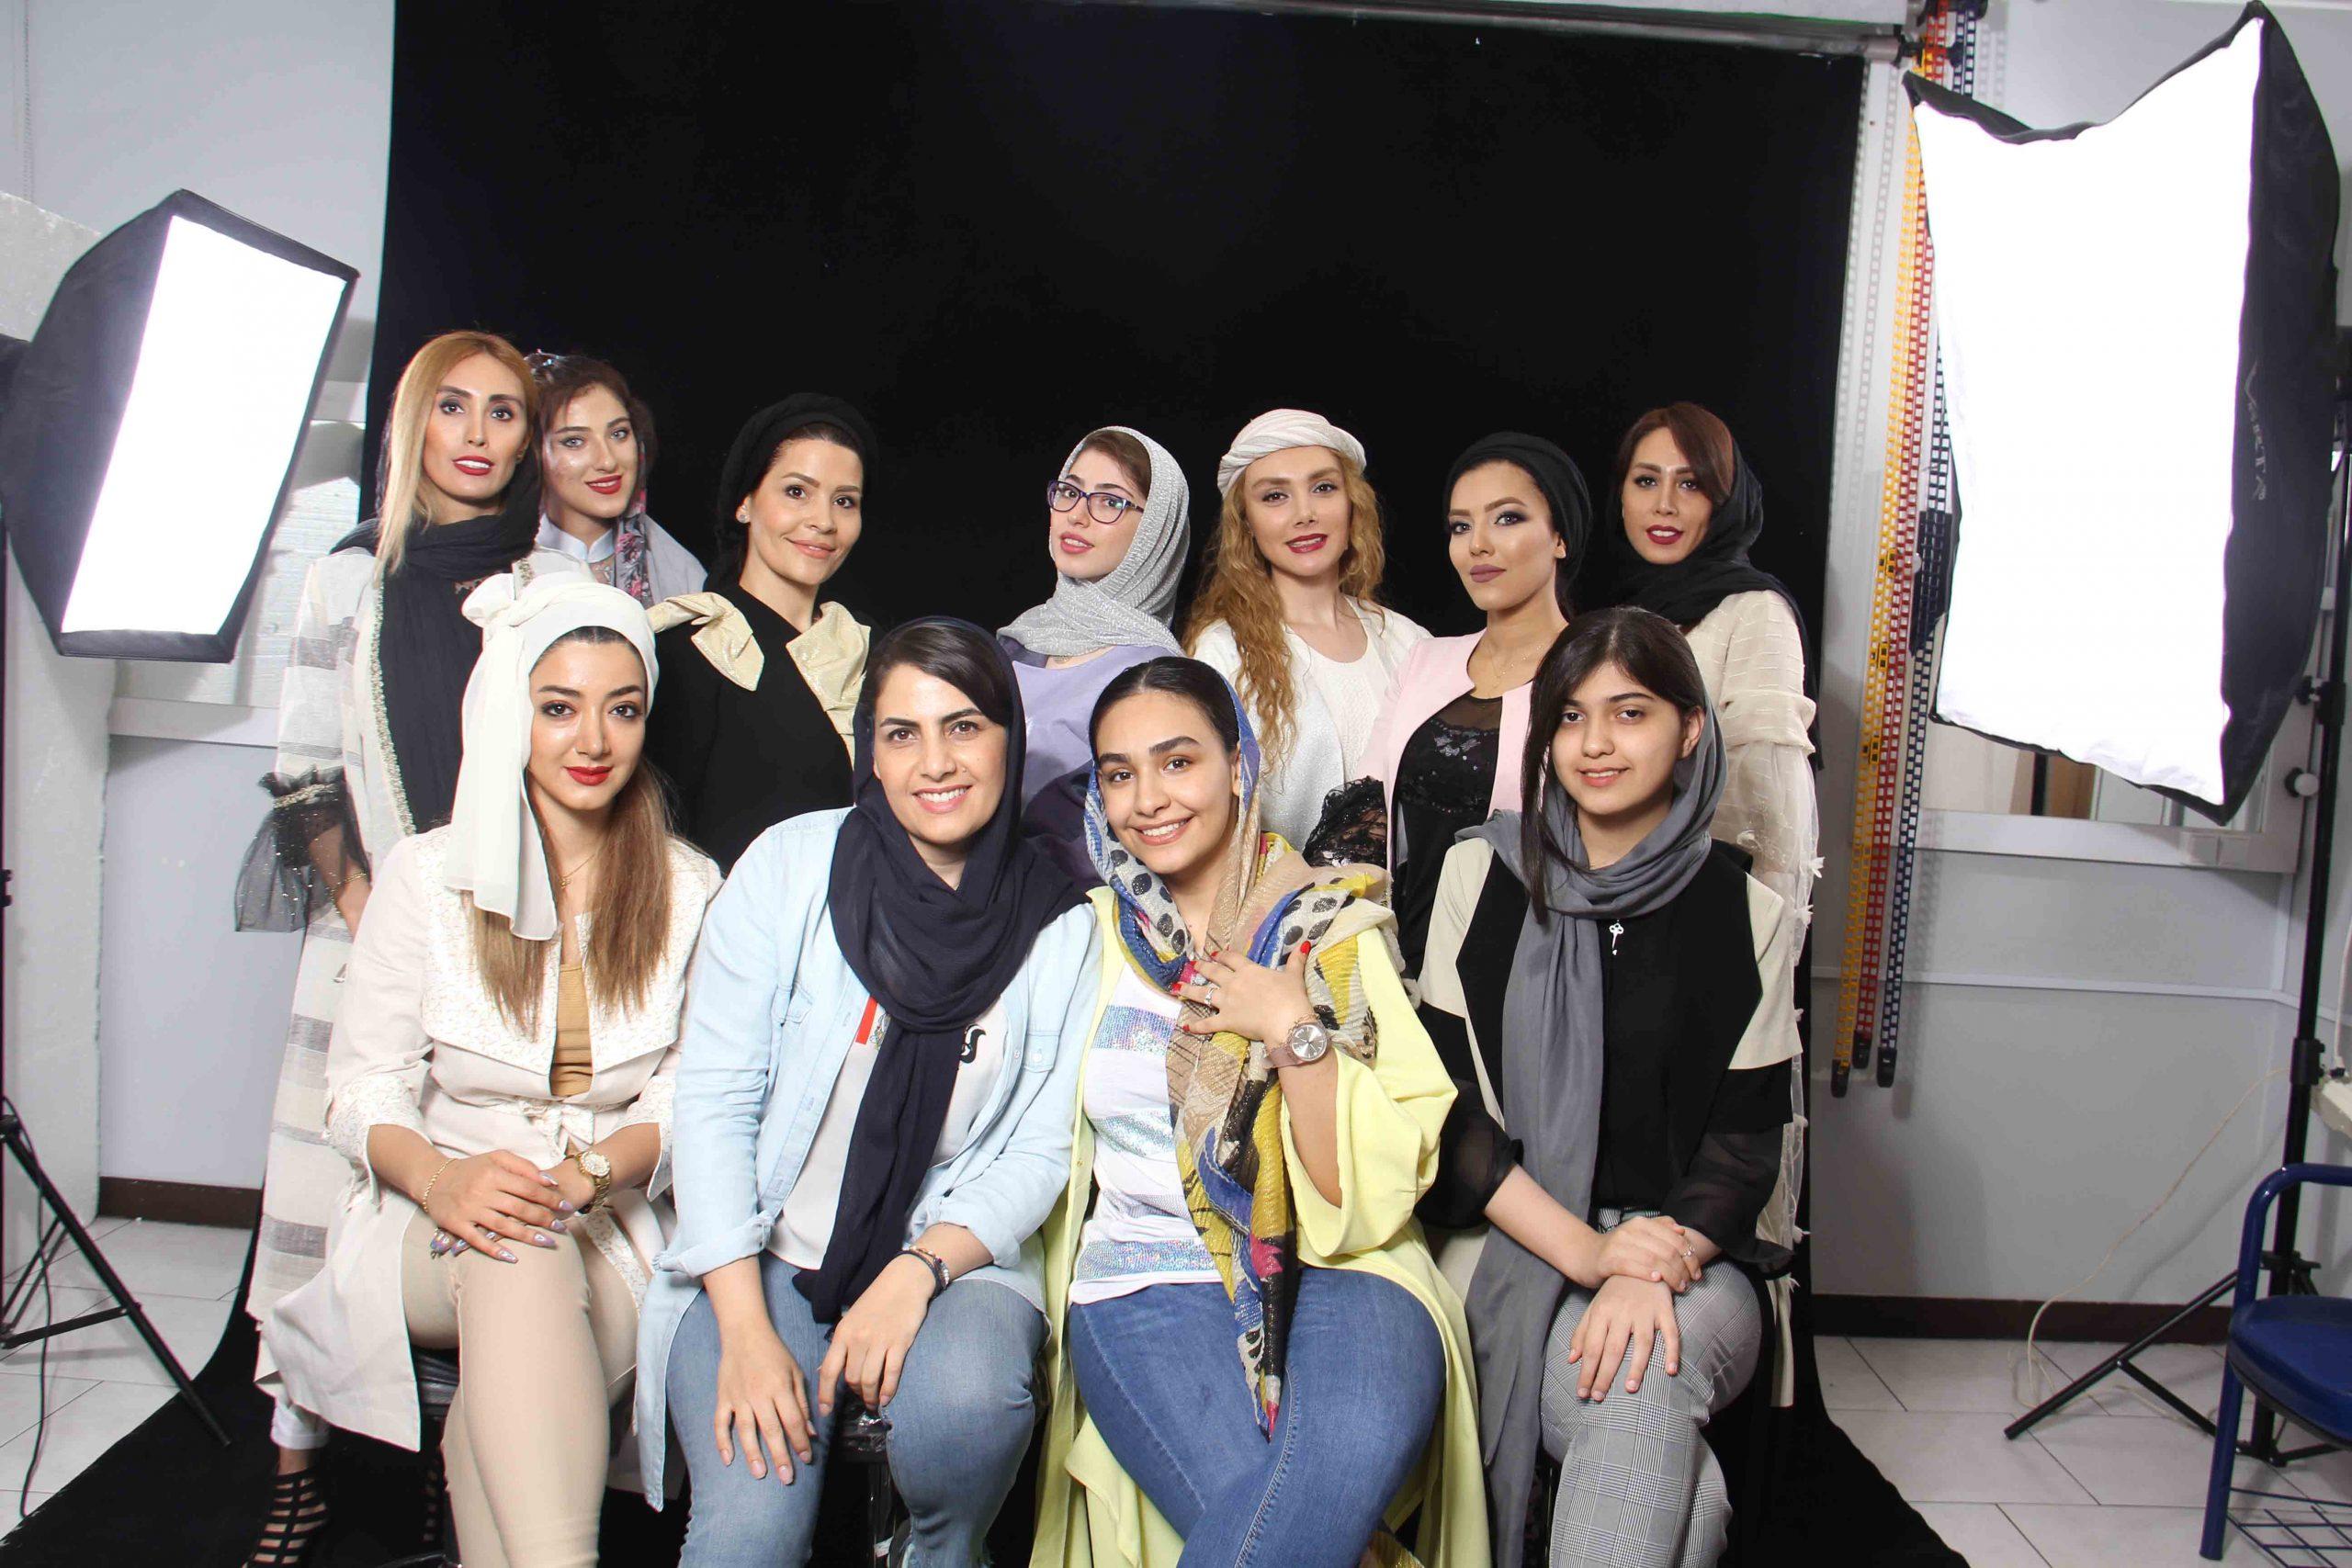 دوره طراحی لباس تهران